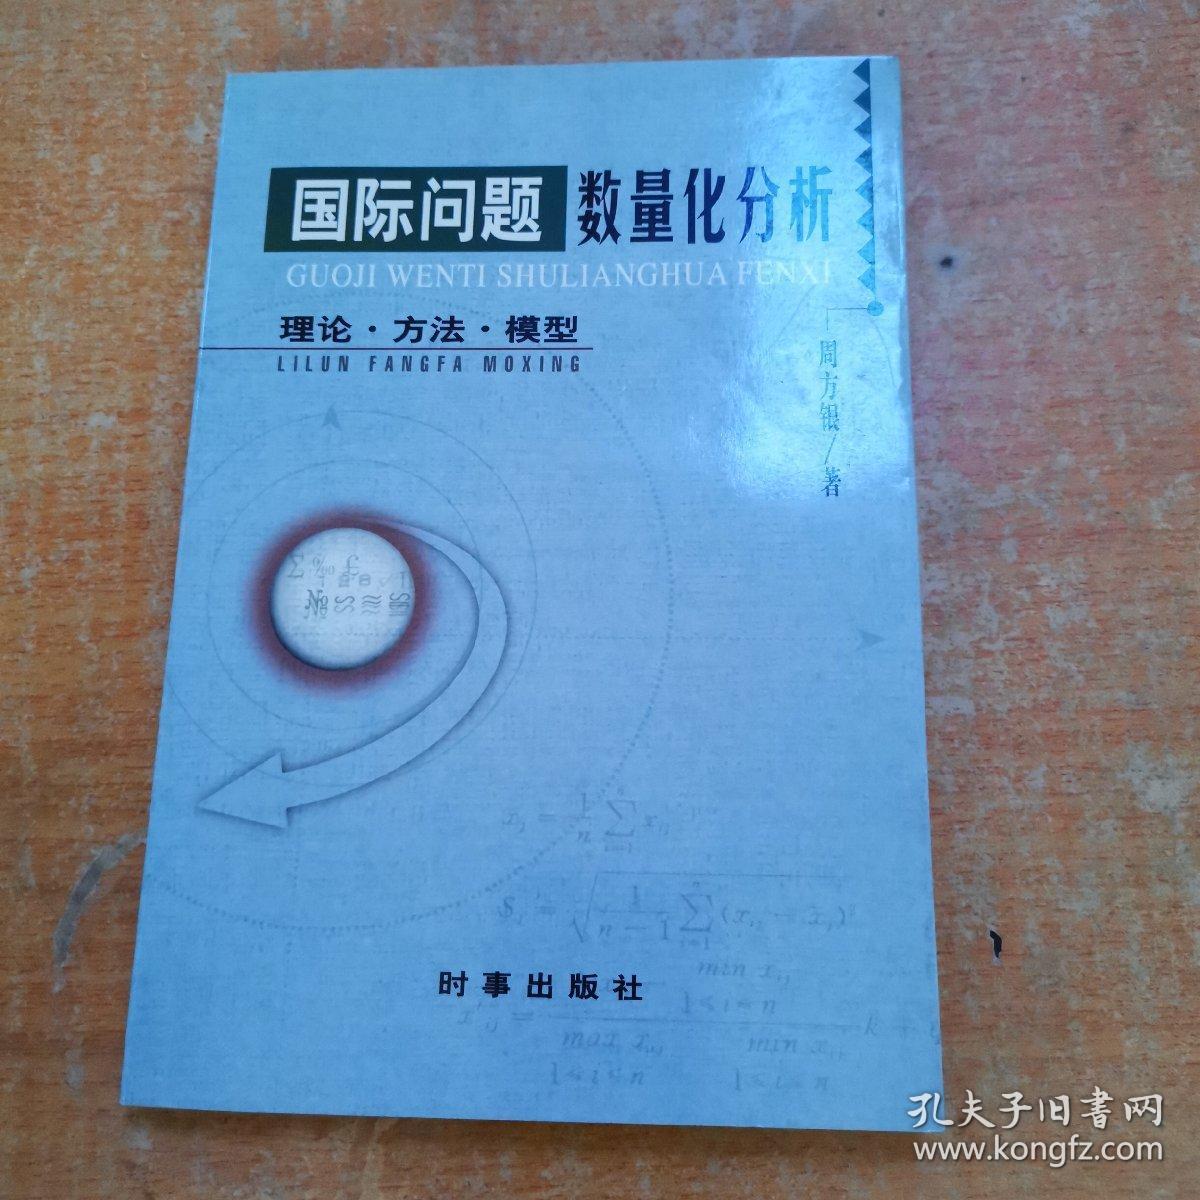 国际问题数量化分析:理论·方法·模型